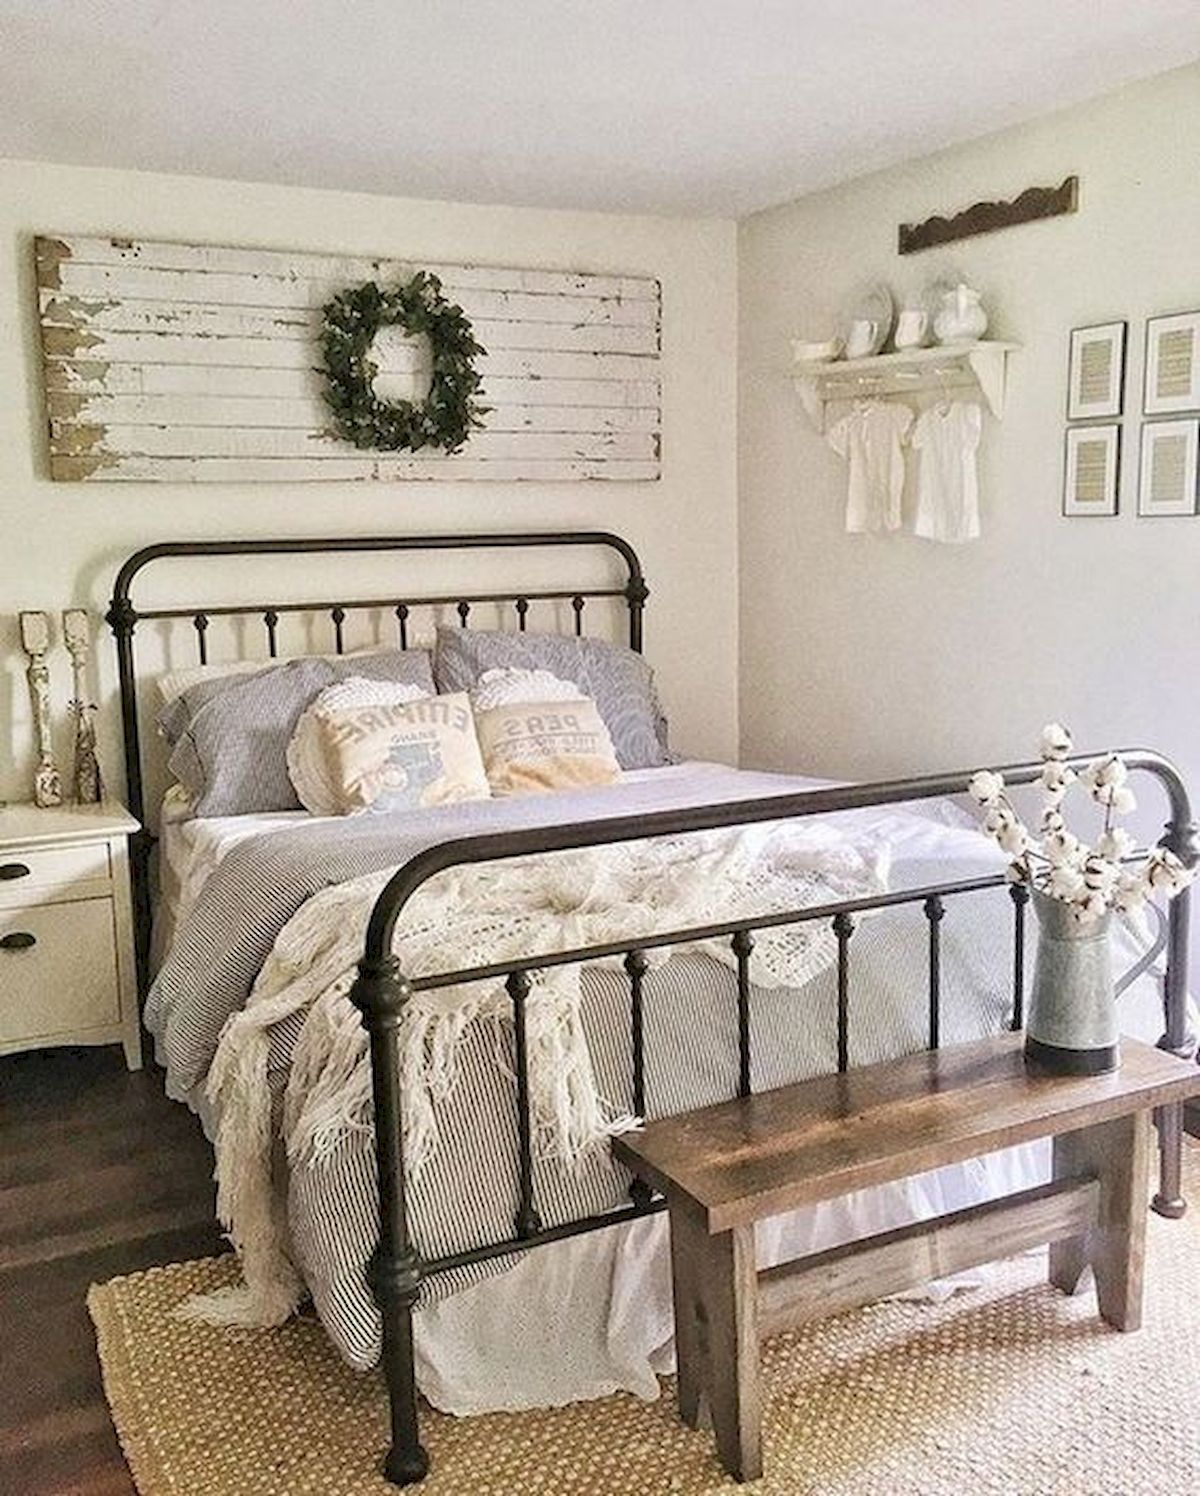 53 Best Farmhouse Wall Decor Ideas For Bedroom Bedroom Vintage Home Decor Bedroom Home Decor